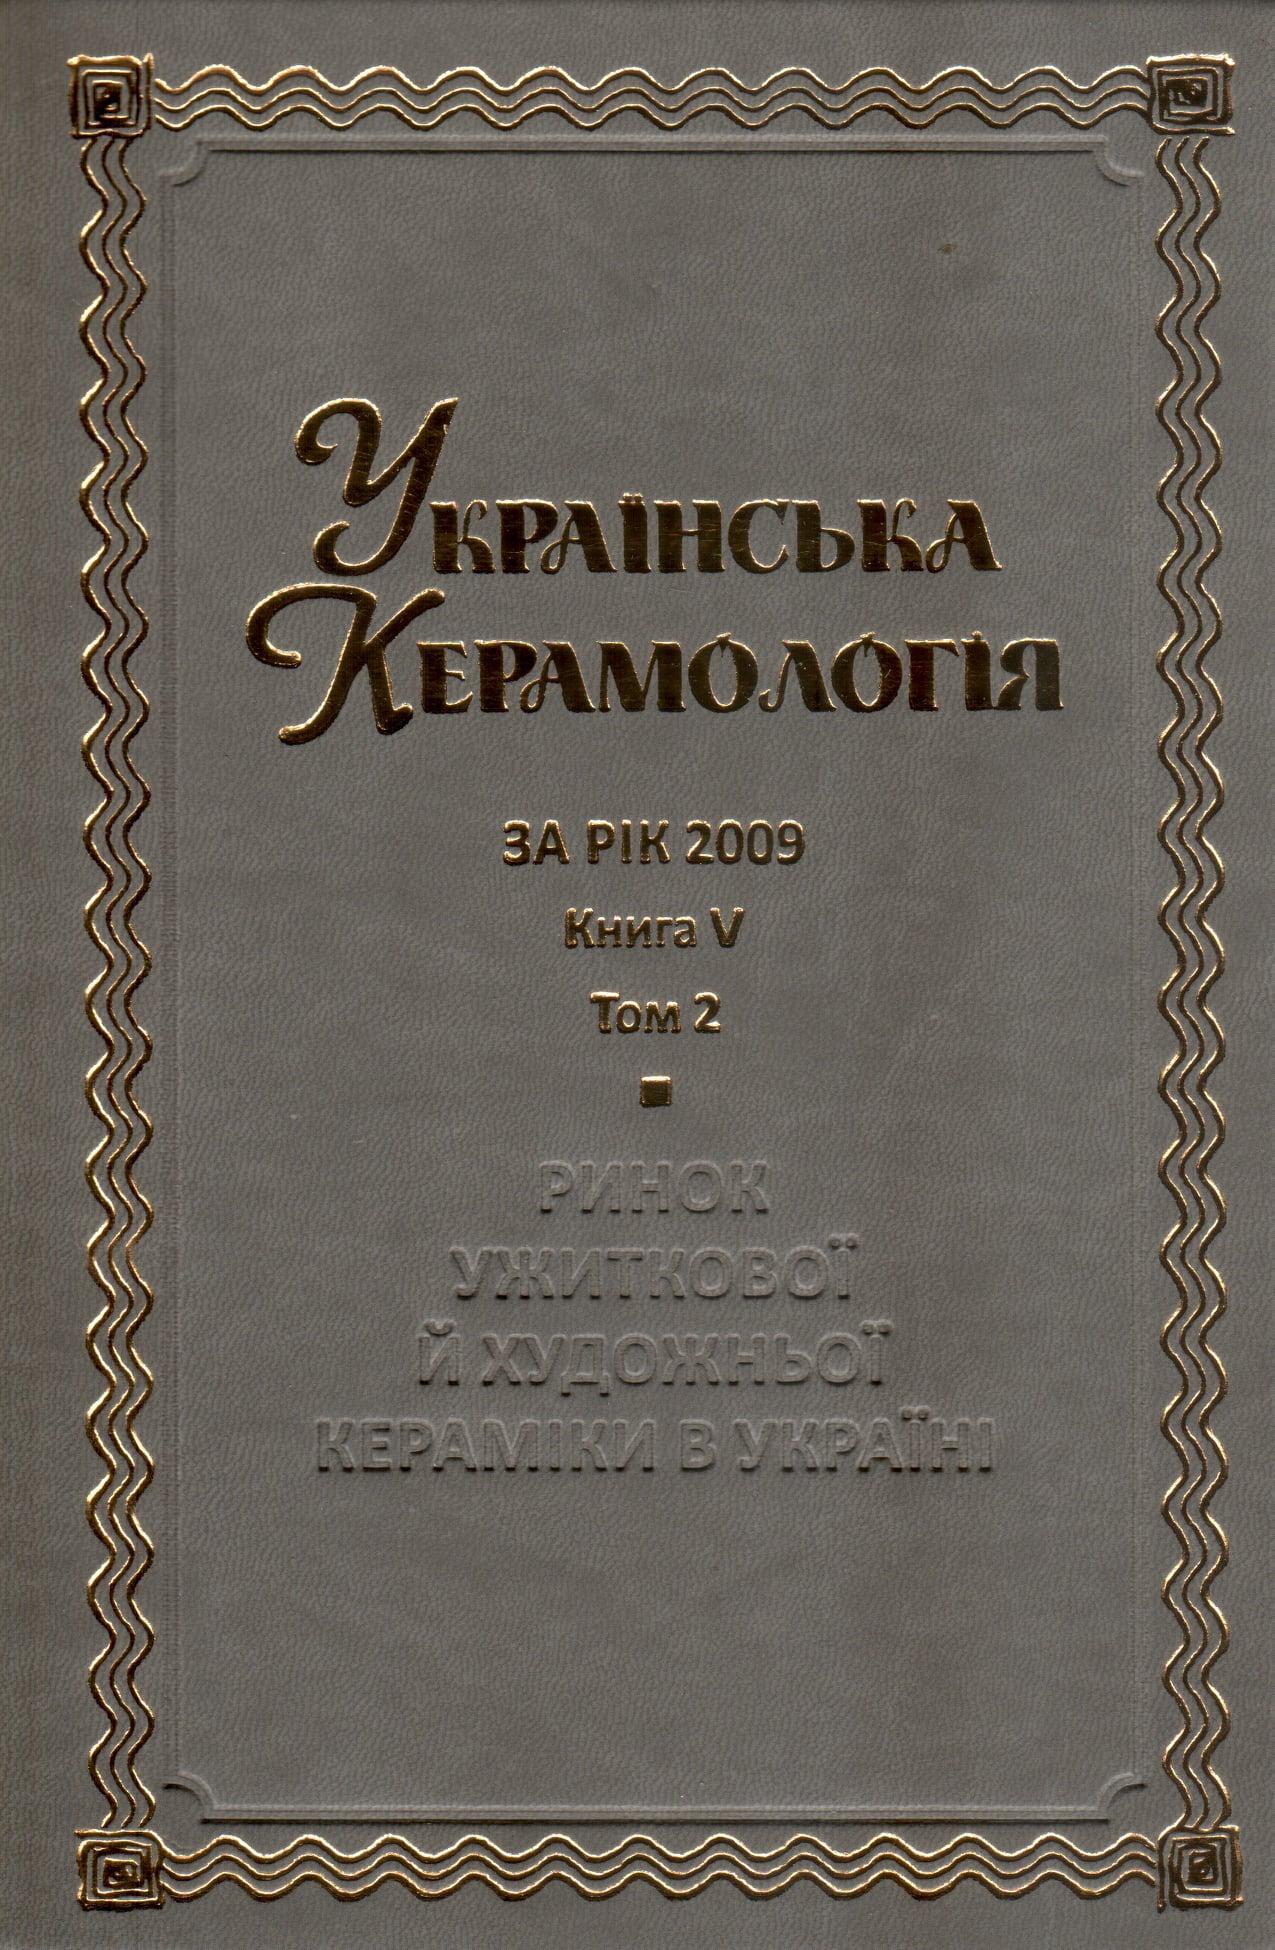 Новий том Національного наукового щорічника «Українська керамологія»